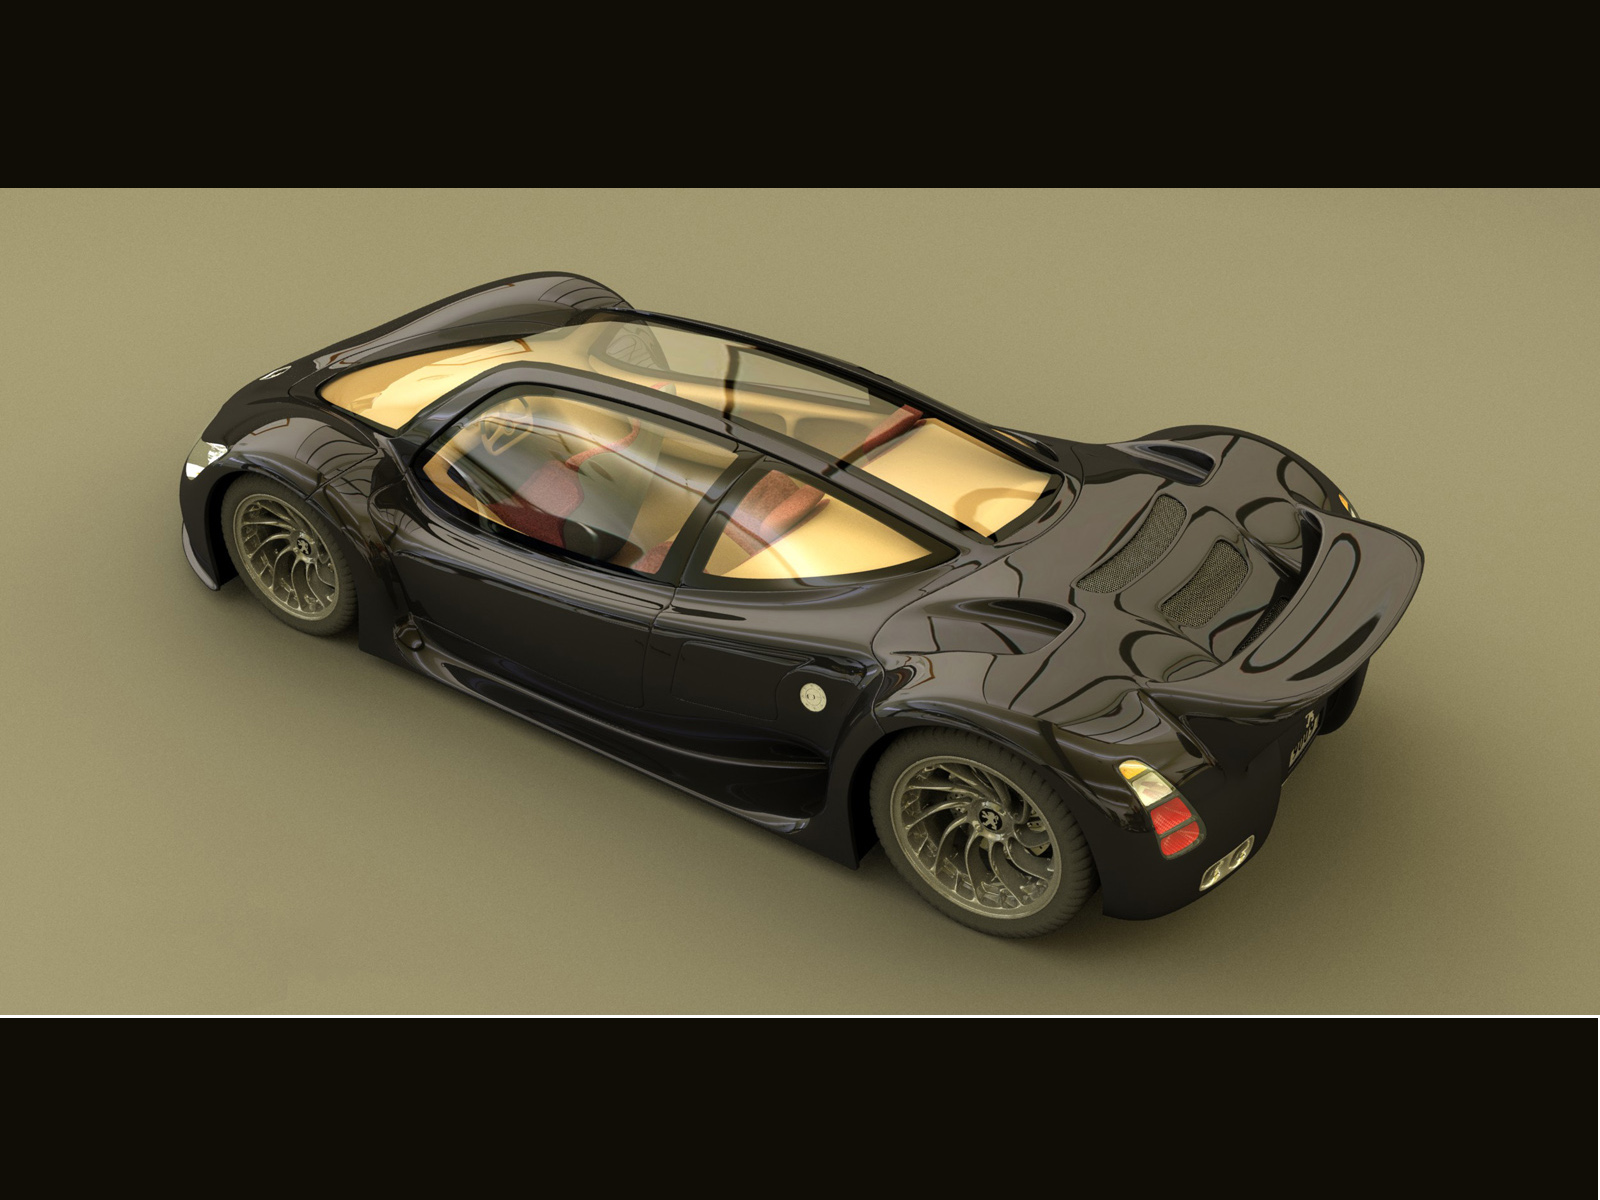 Peugeot 9009 | SMCars.Net - Car Blueprints Forum